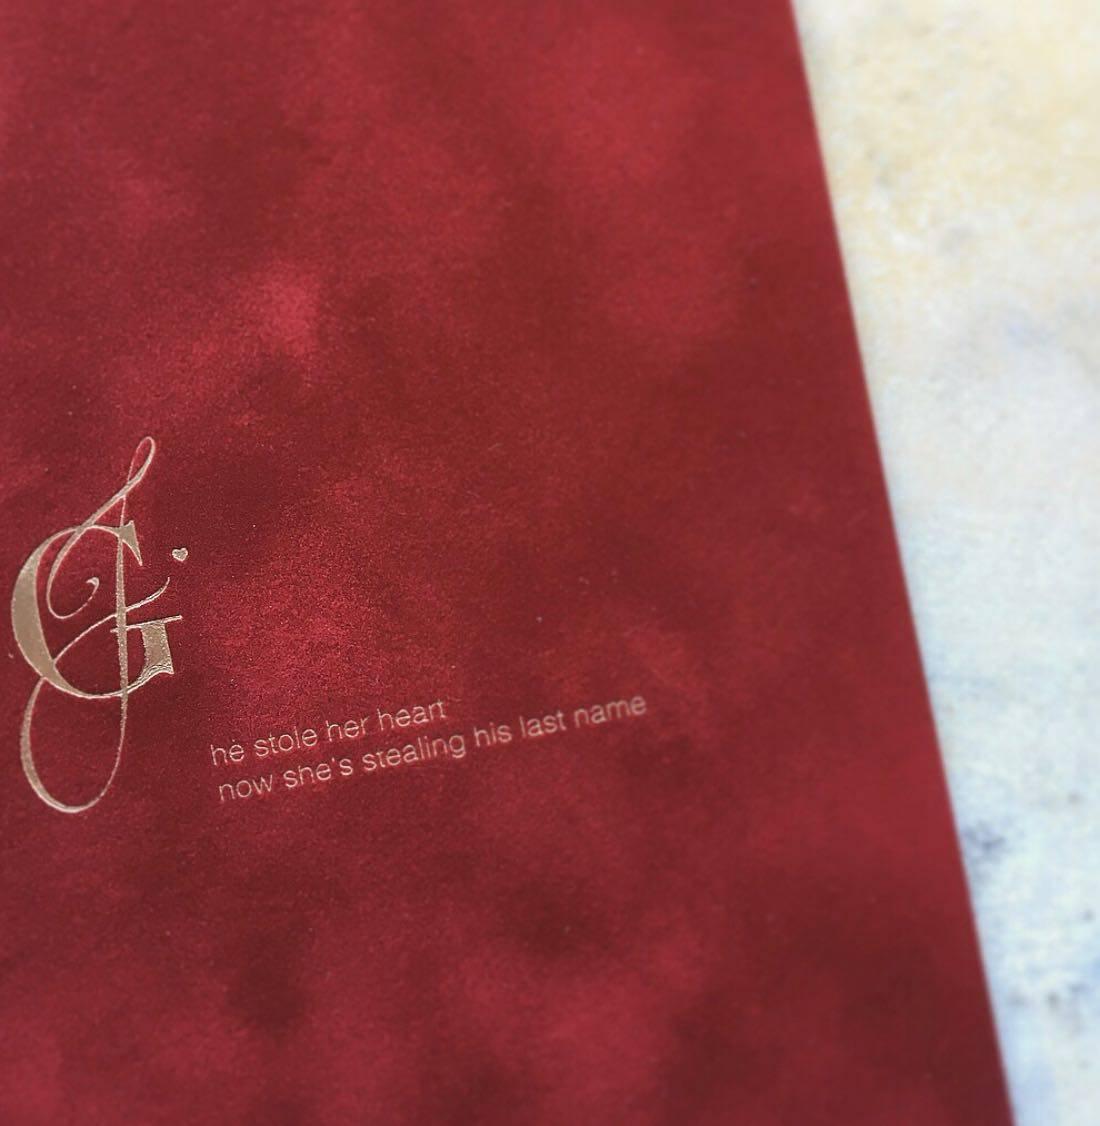 Scarabar - huwelijksuitnodigingen - grafisch ontwerp - House of Weddings  - 21